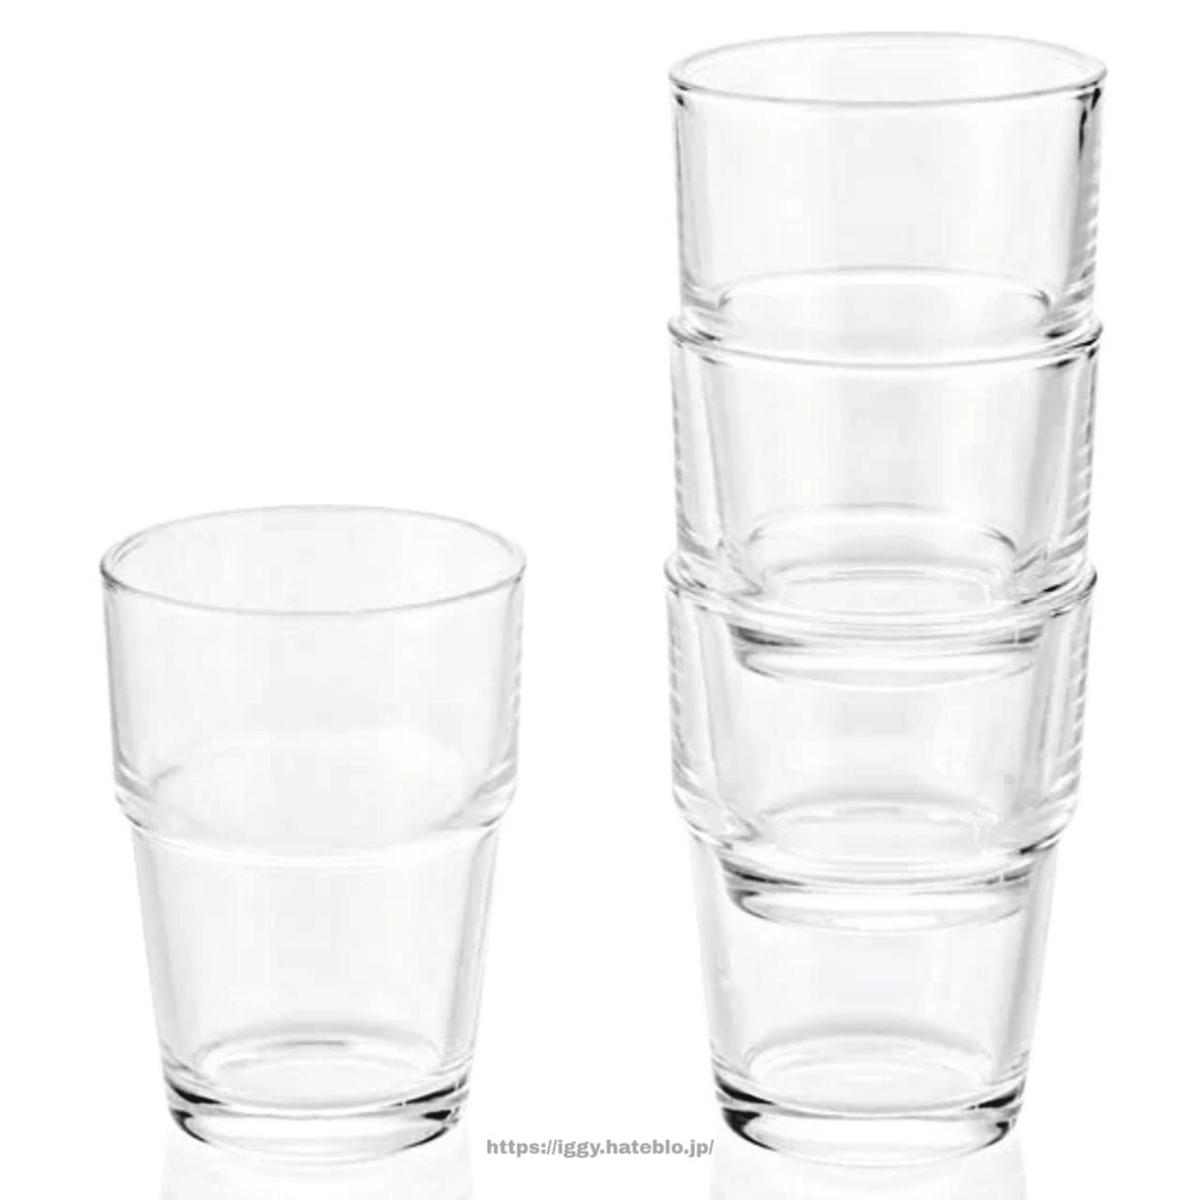 ニトリ グラス4個セット iggy2019